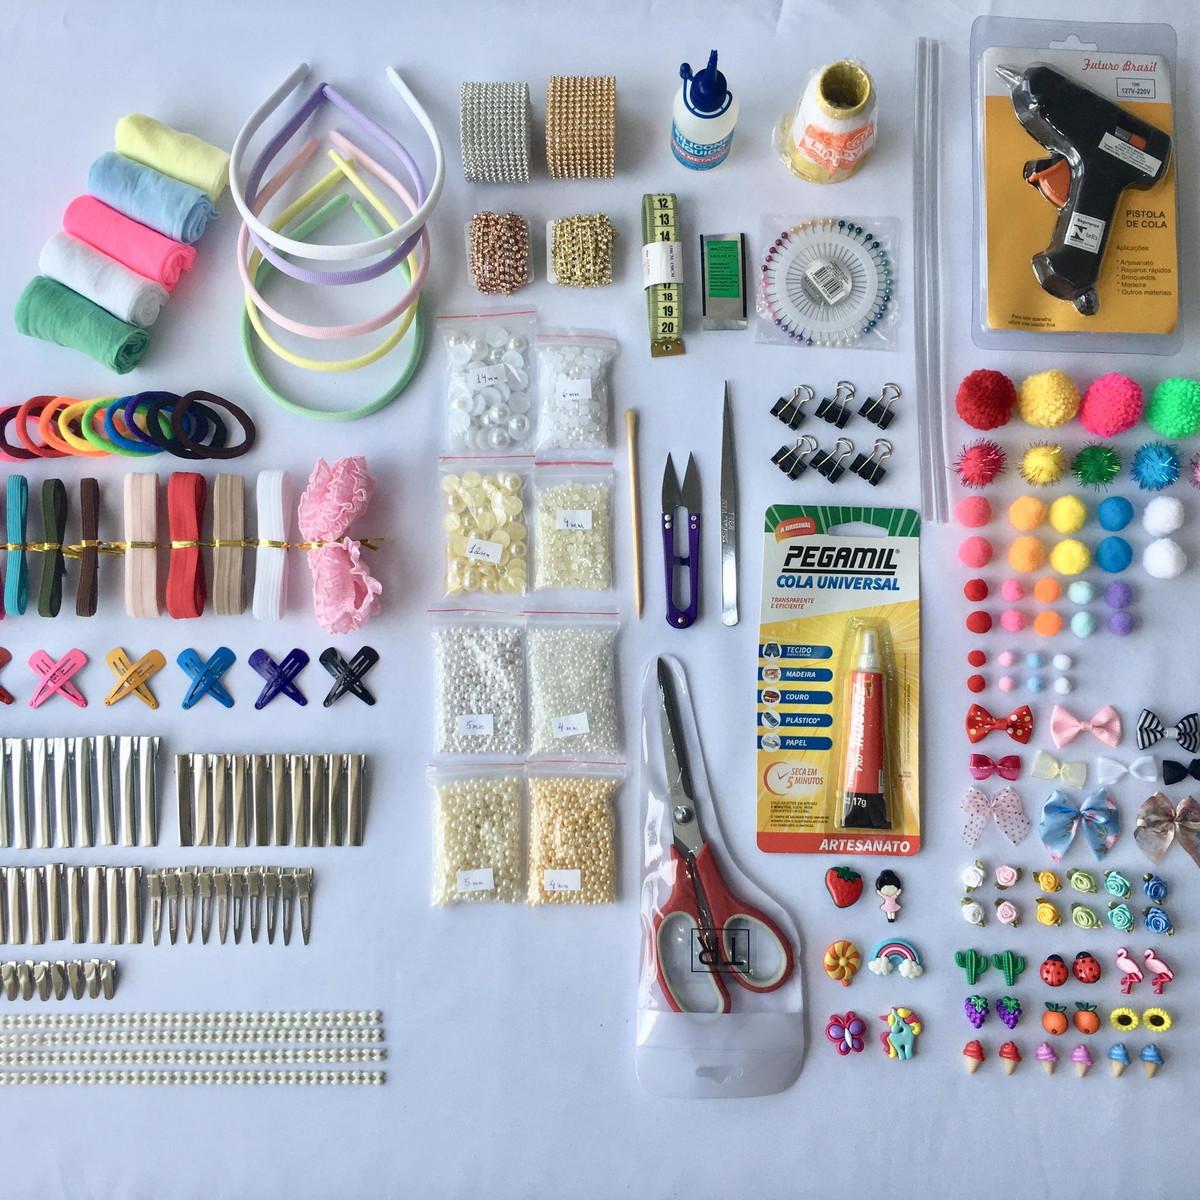 3780d06b92 Kit Ferramentas e Materiais para fazer Laços e Tiaras no Elo7 ...